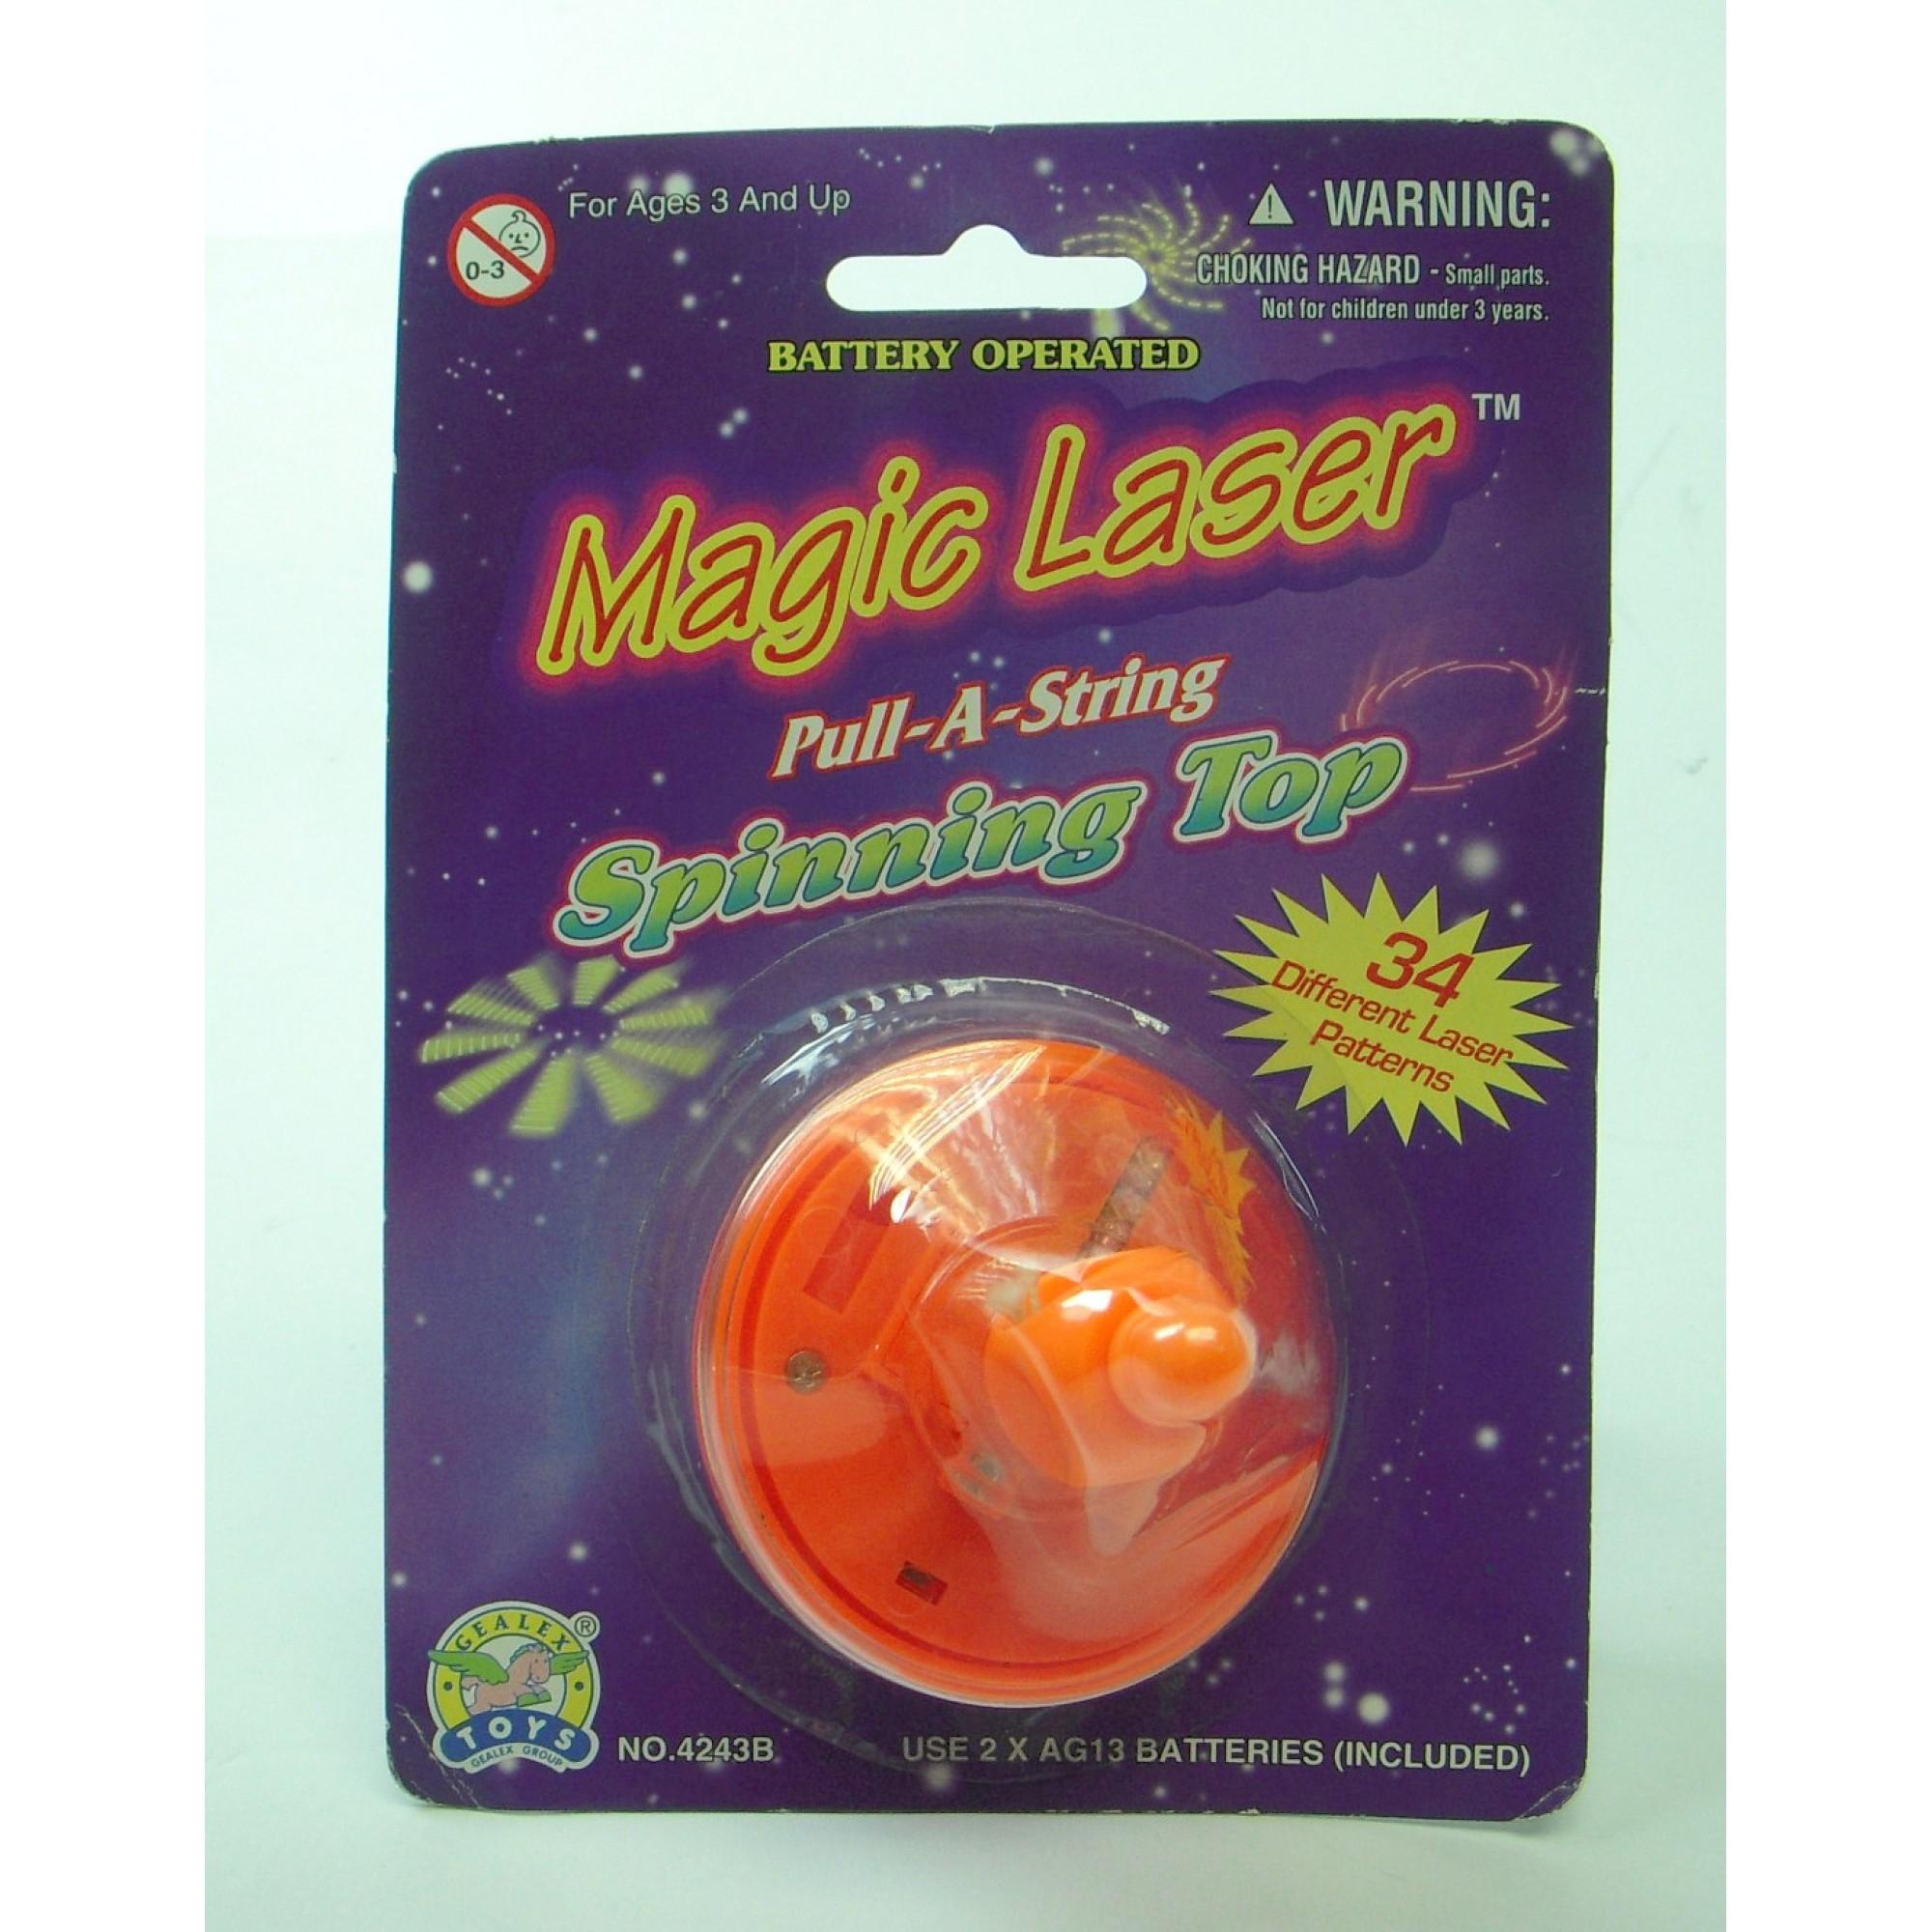 Magic Laser Pull-A-String Spinner